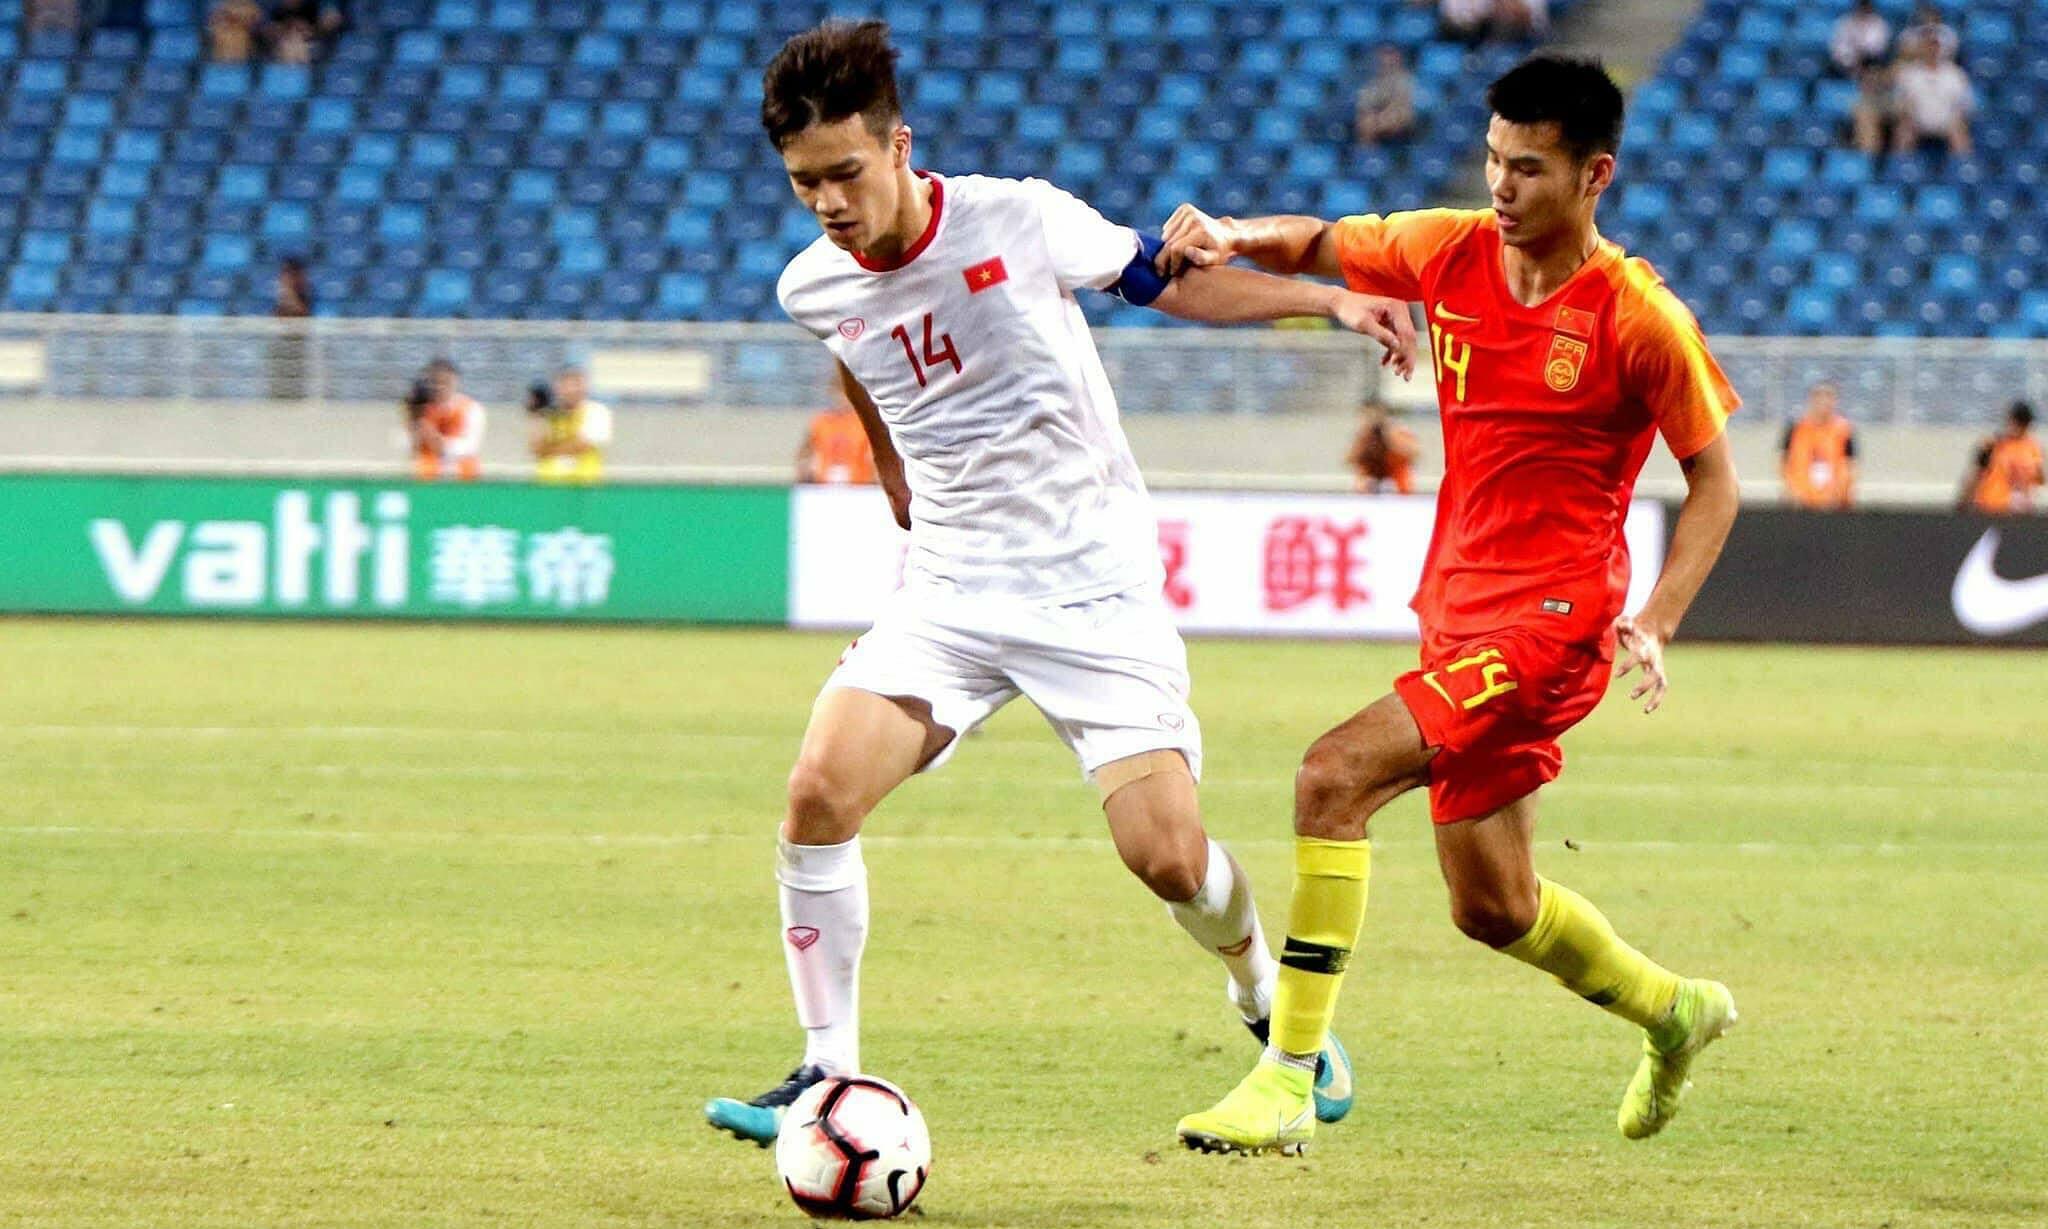 Việt Nam (áo trắng) từng thắng Trung Quốc 2-0 trong trận giao hữu ở cấp độ U22, tháng 9/2019. Ảnh: VFF